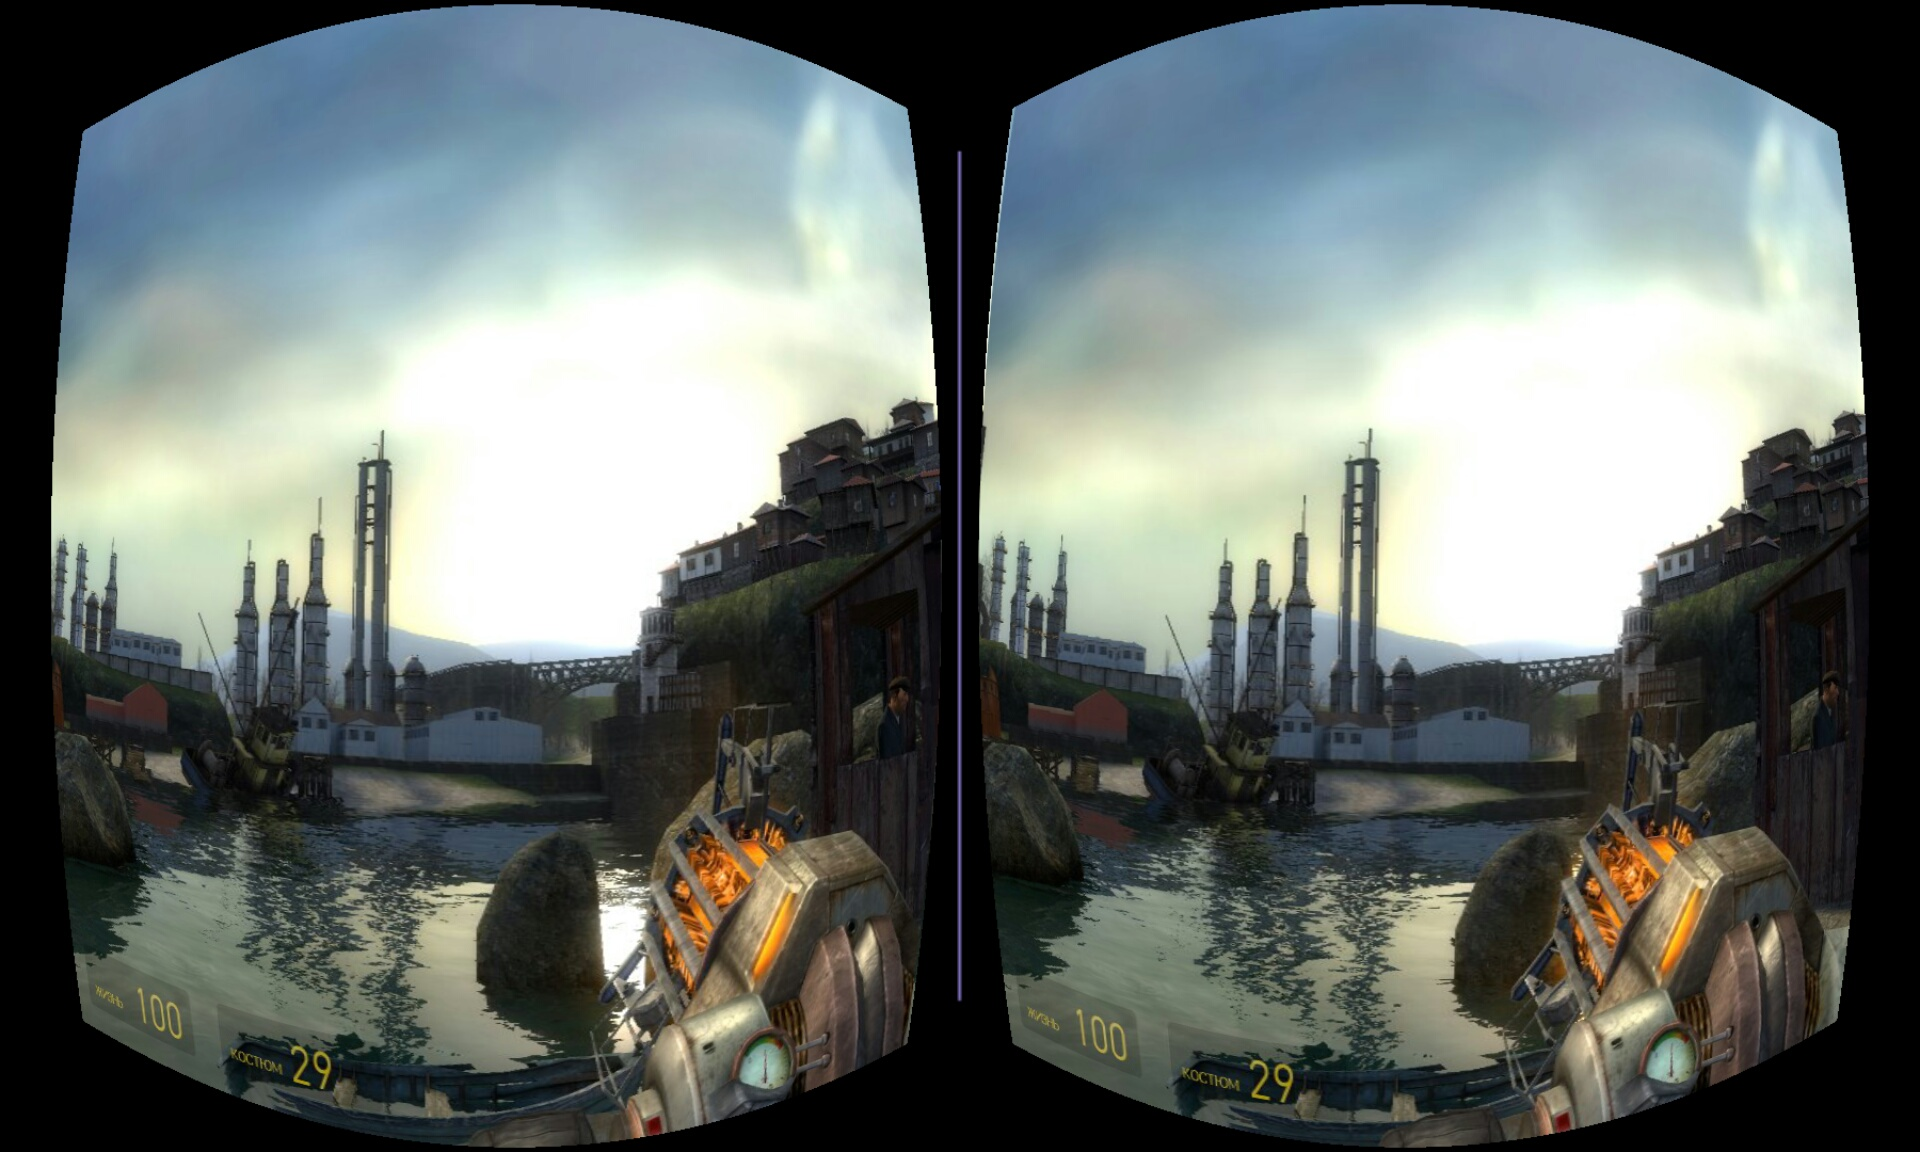 Очки самсунг виртуальной реальности как играть dji phantom максимальная высота